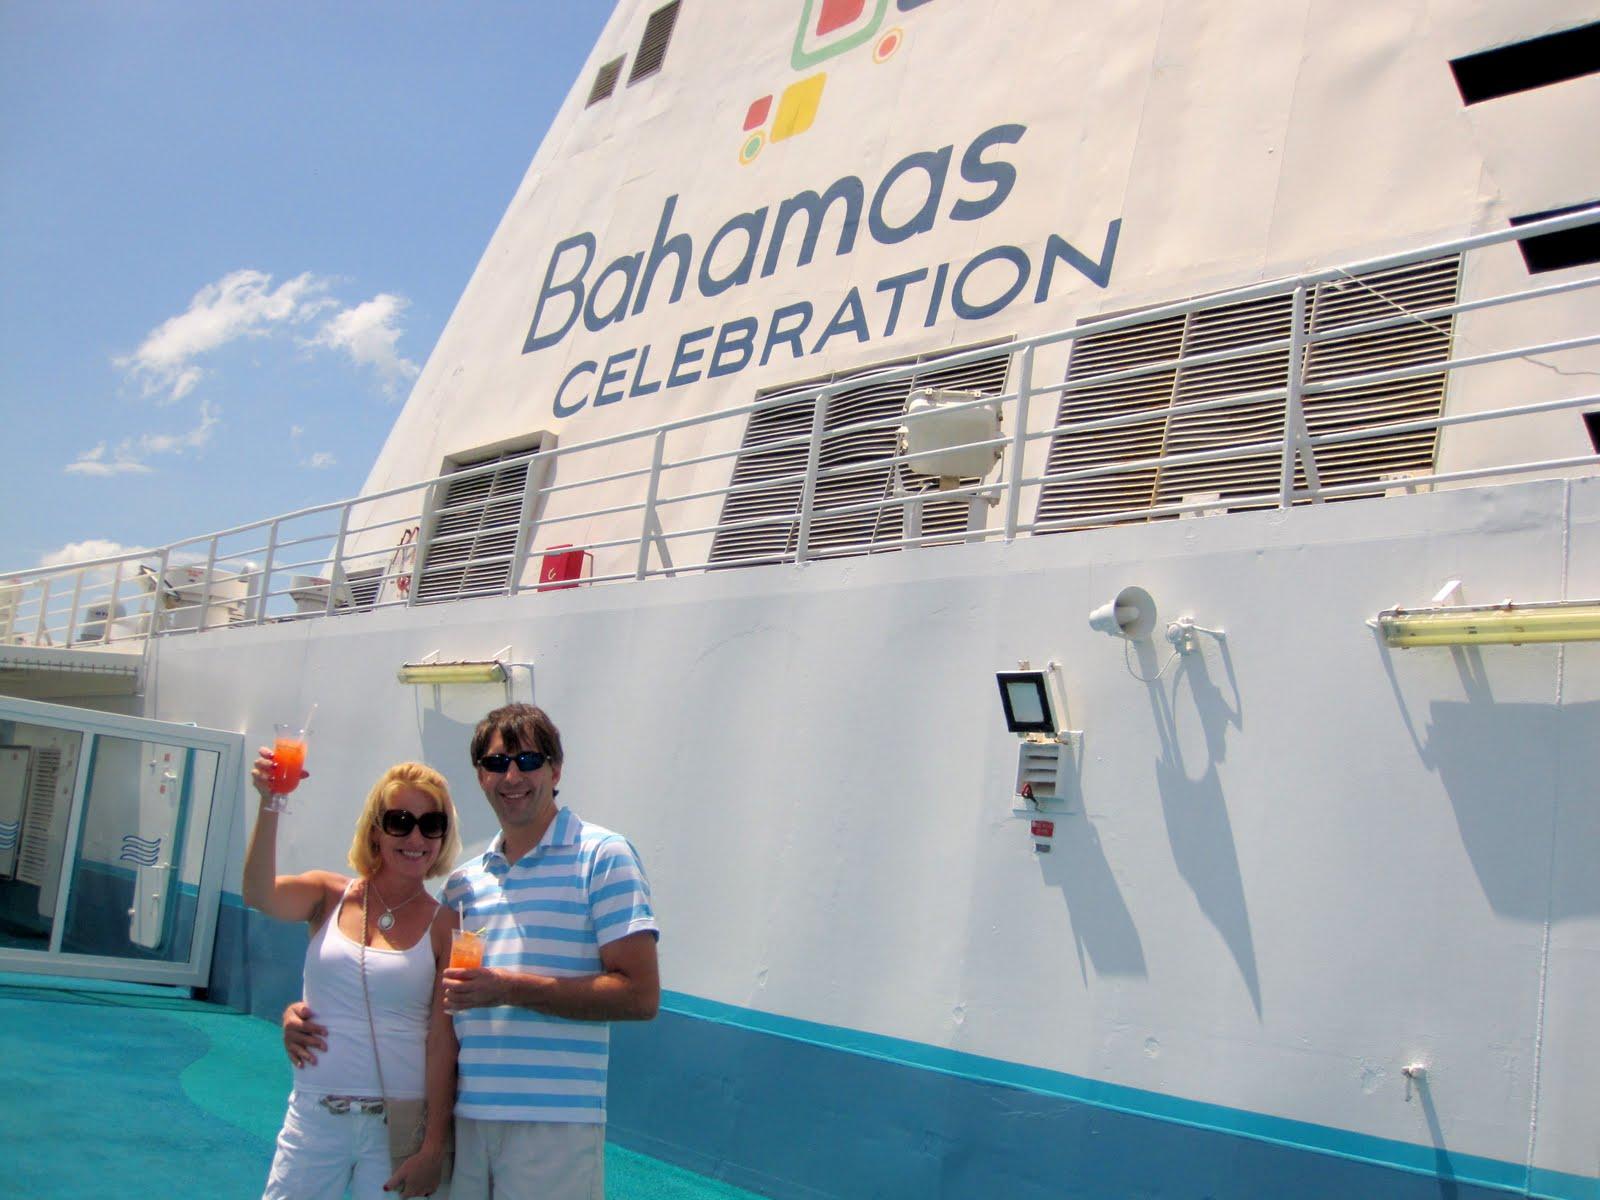 Glenn Bahamas Celebration Cruise Ship And Shows - Bahamas celebration cruise ship